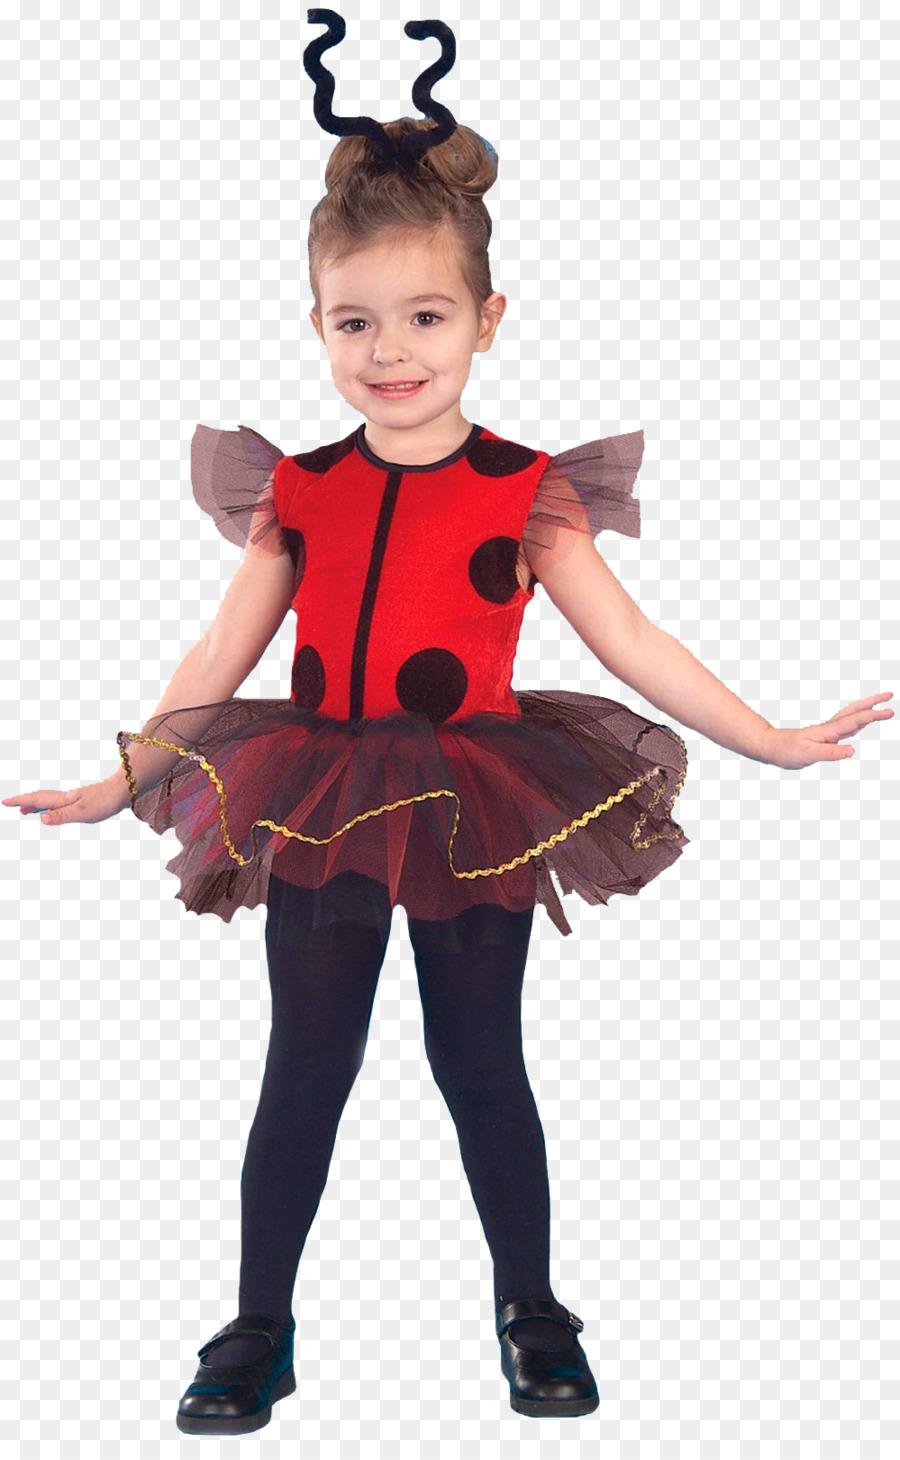 Descarga gratuita de Disfraz, Niño, Disfraz De Halloween Imágen de Png